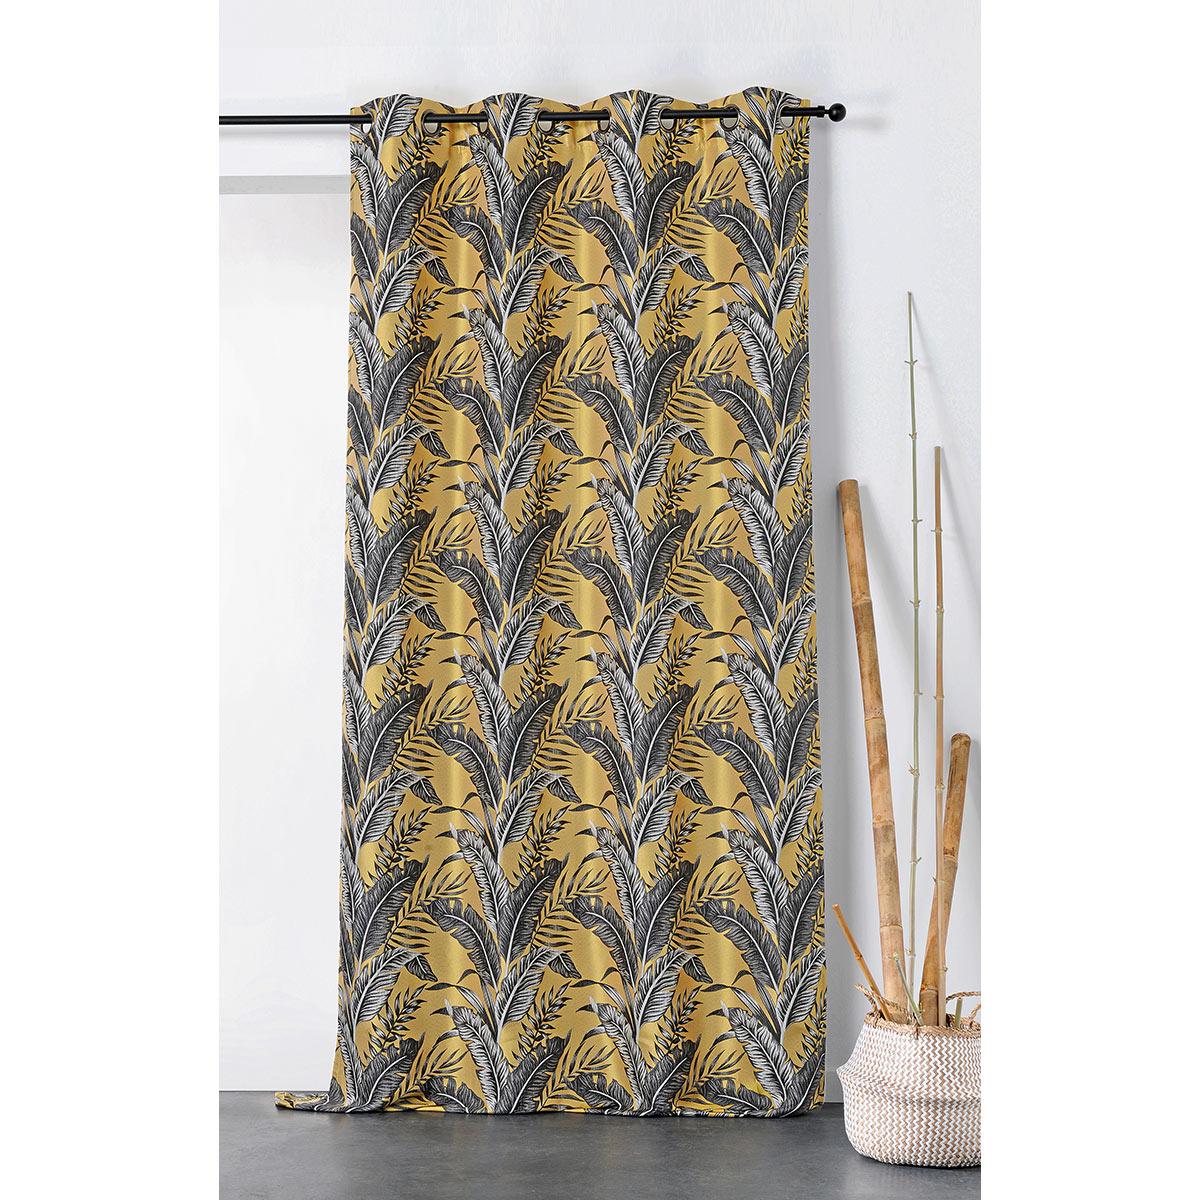 Rideau tendance aux impressions exotiques polyester jaune 245x135